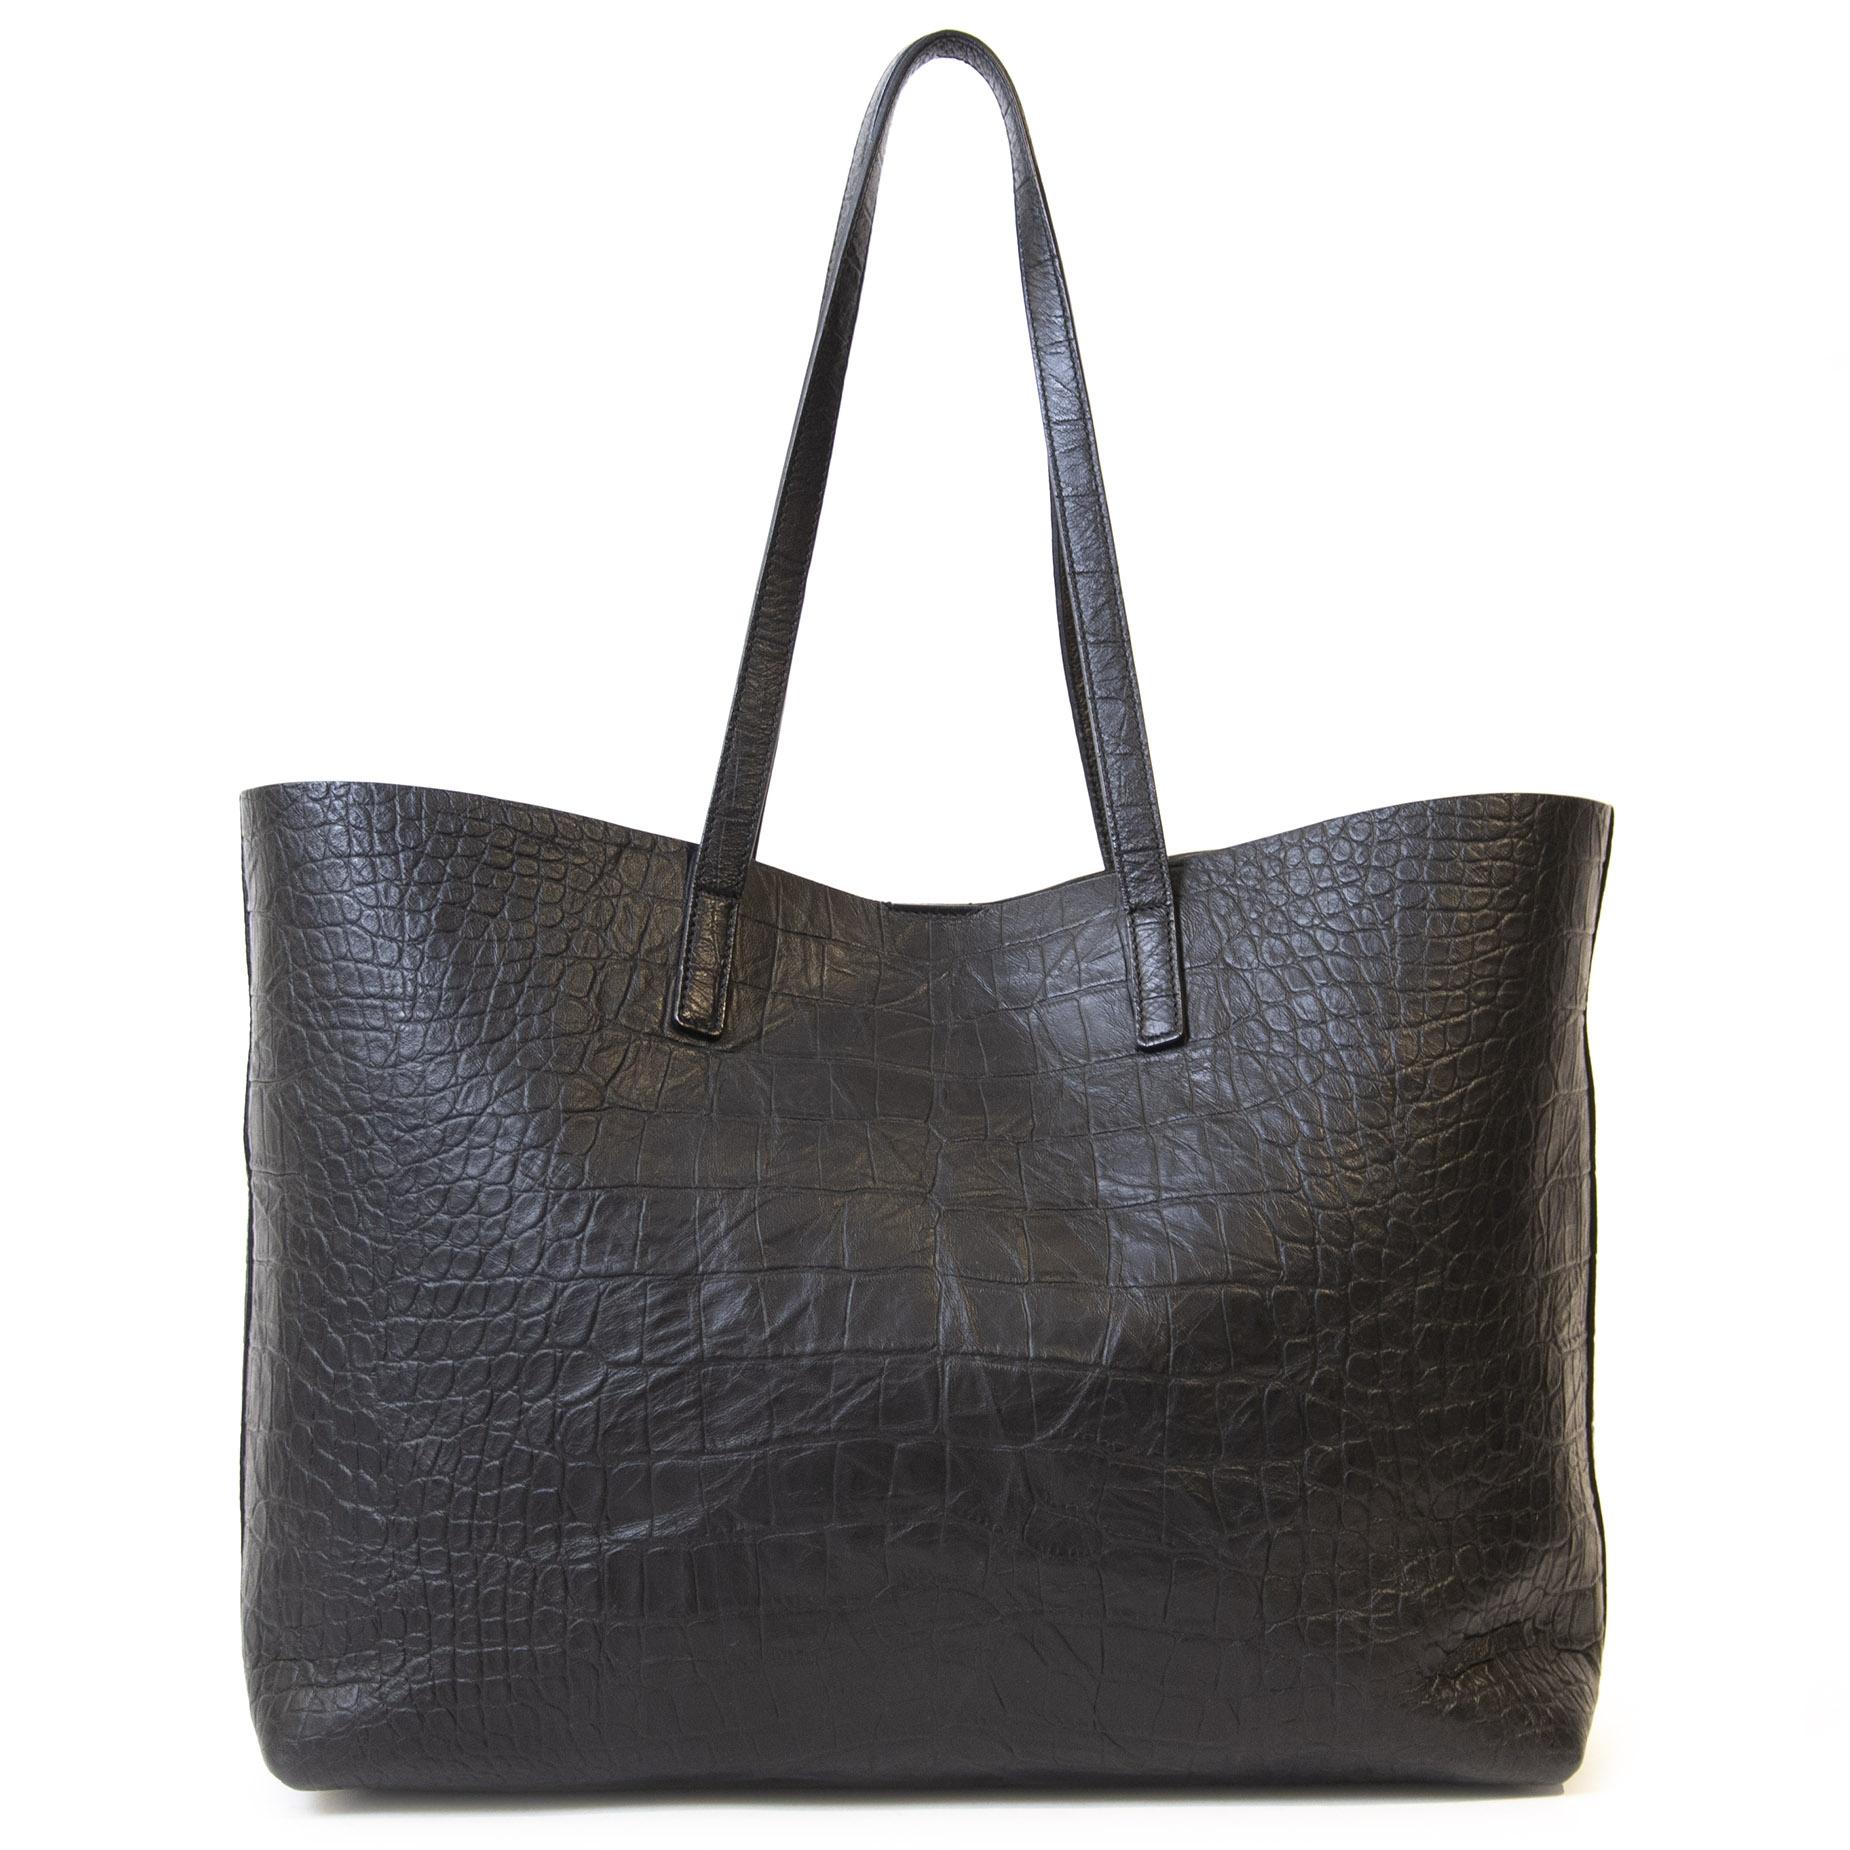 Authentieke Tweedehands Yves Saint Laurent Black Croco Shopping Tote Bag juiste prijs veilig online shoppen luxe merken webshop winkelen Antwerpen België mode fashion